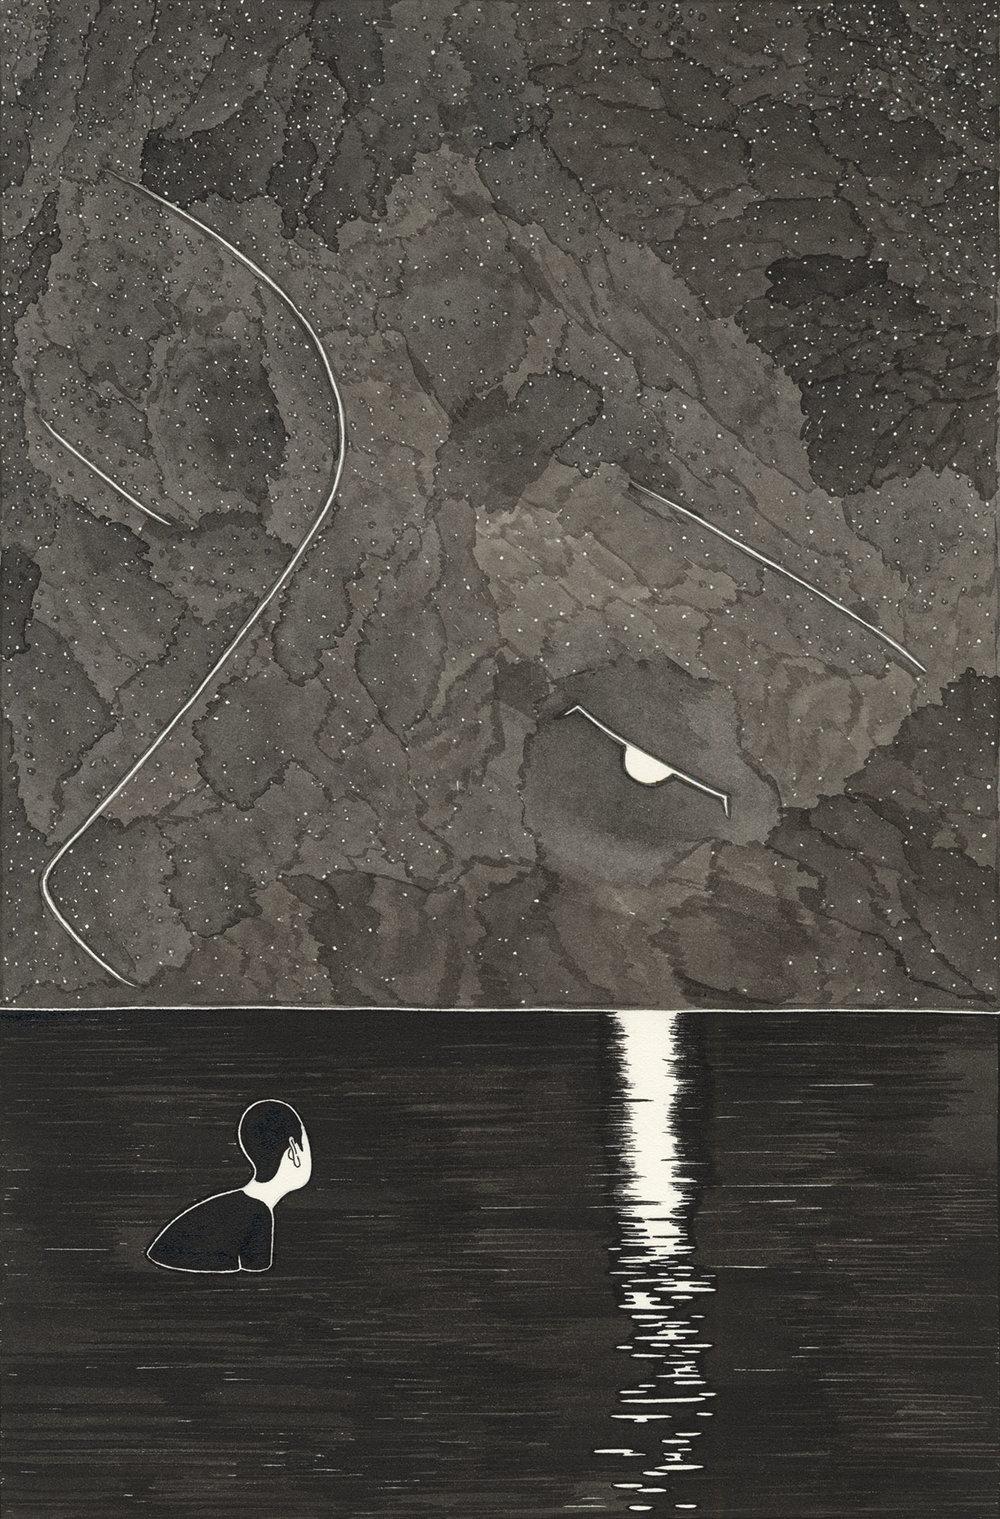 나의 달 II / Awaken II Op.0097CS-2 -19.5 x 29.5 cm,종이에 잉크 / Ink on paper, 2015